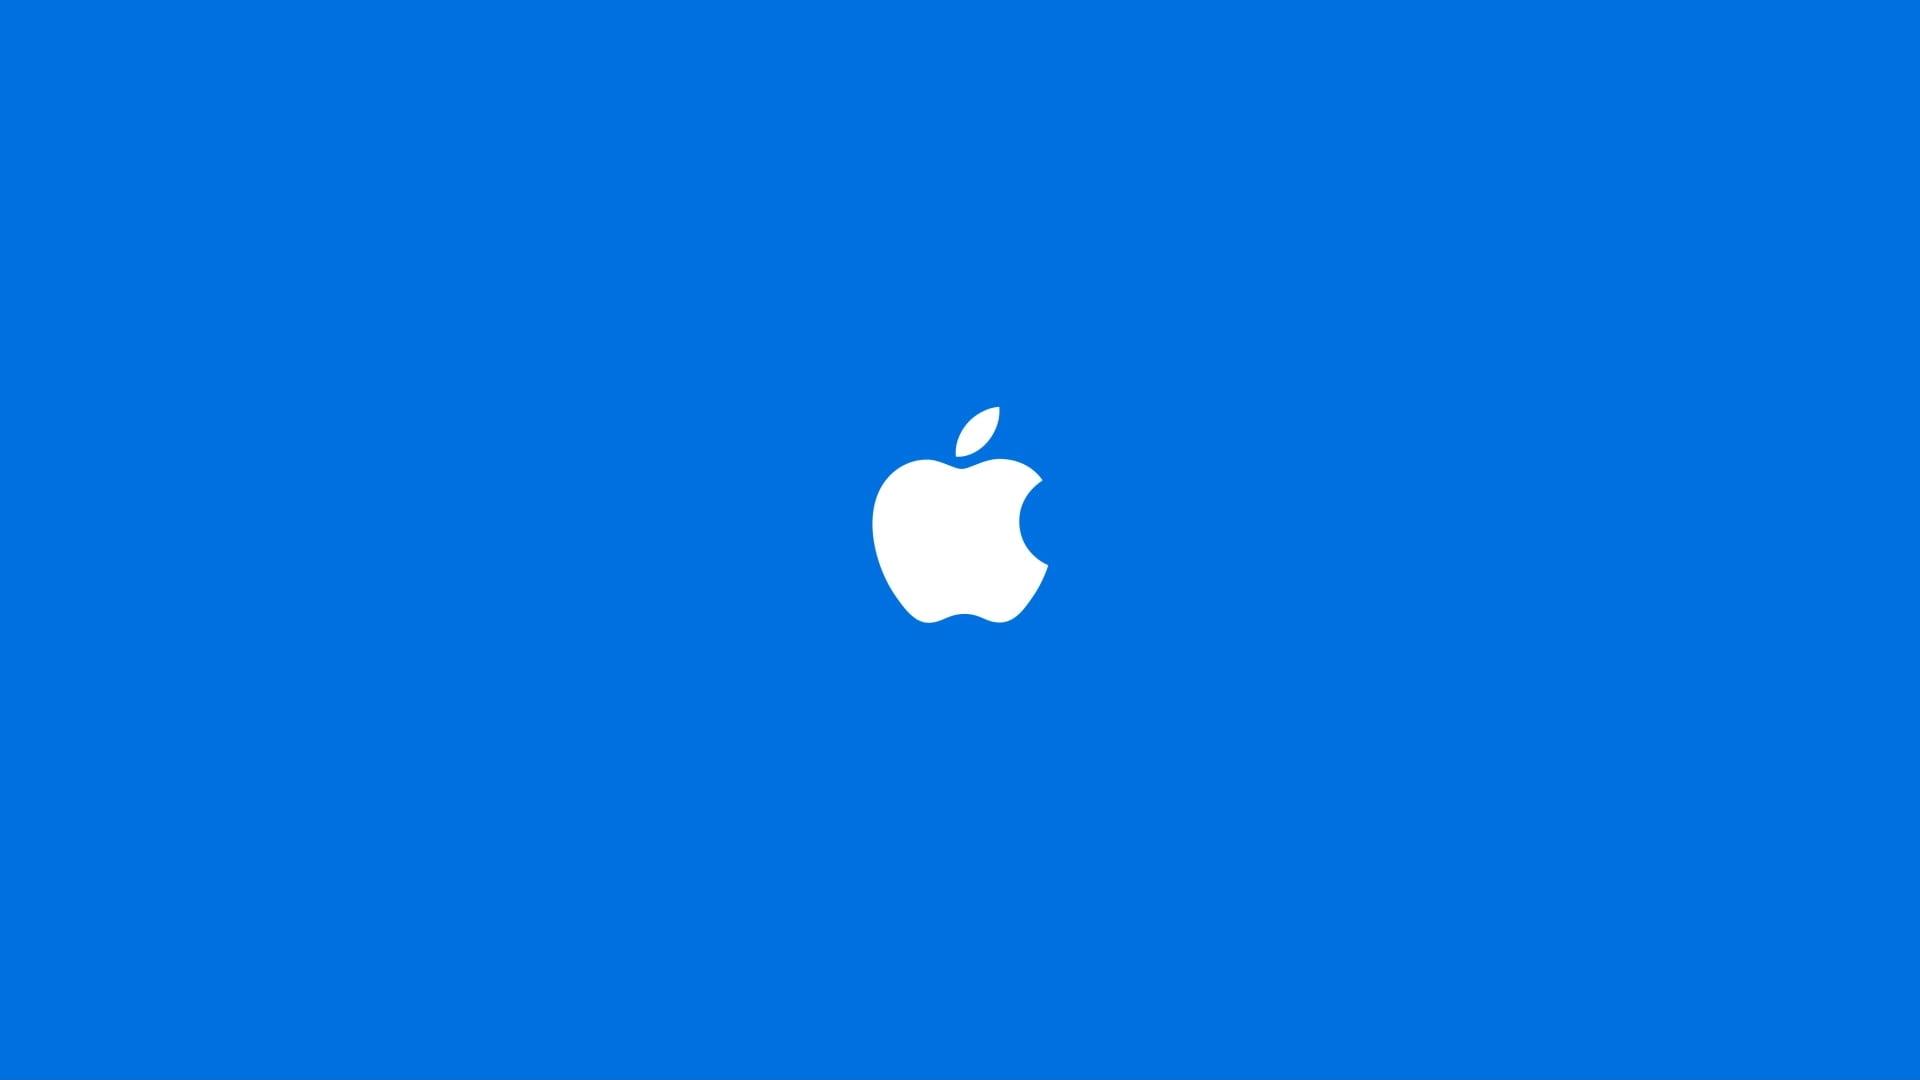 Poradnik Apple: Na temat skrótów oraz funkcji dostępności